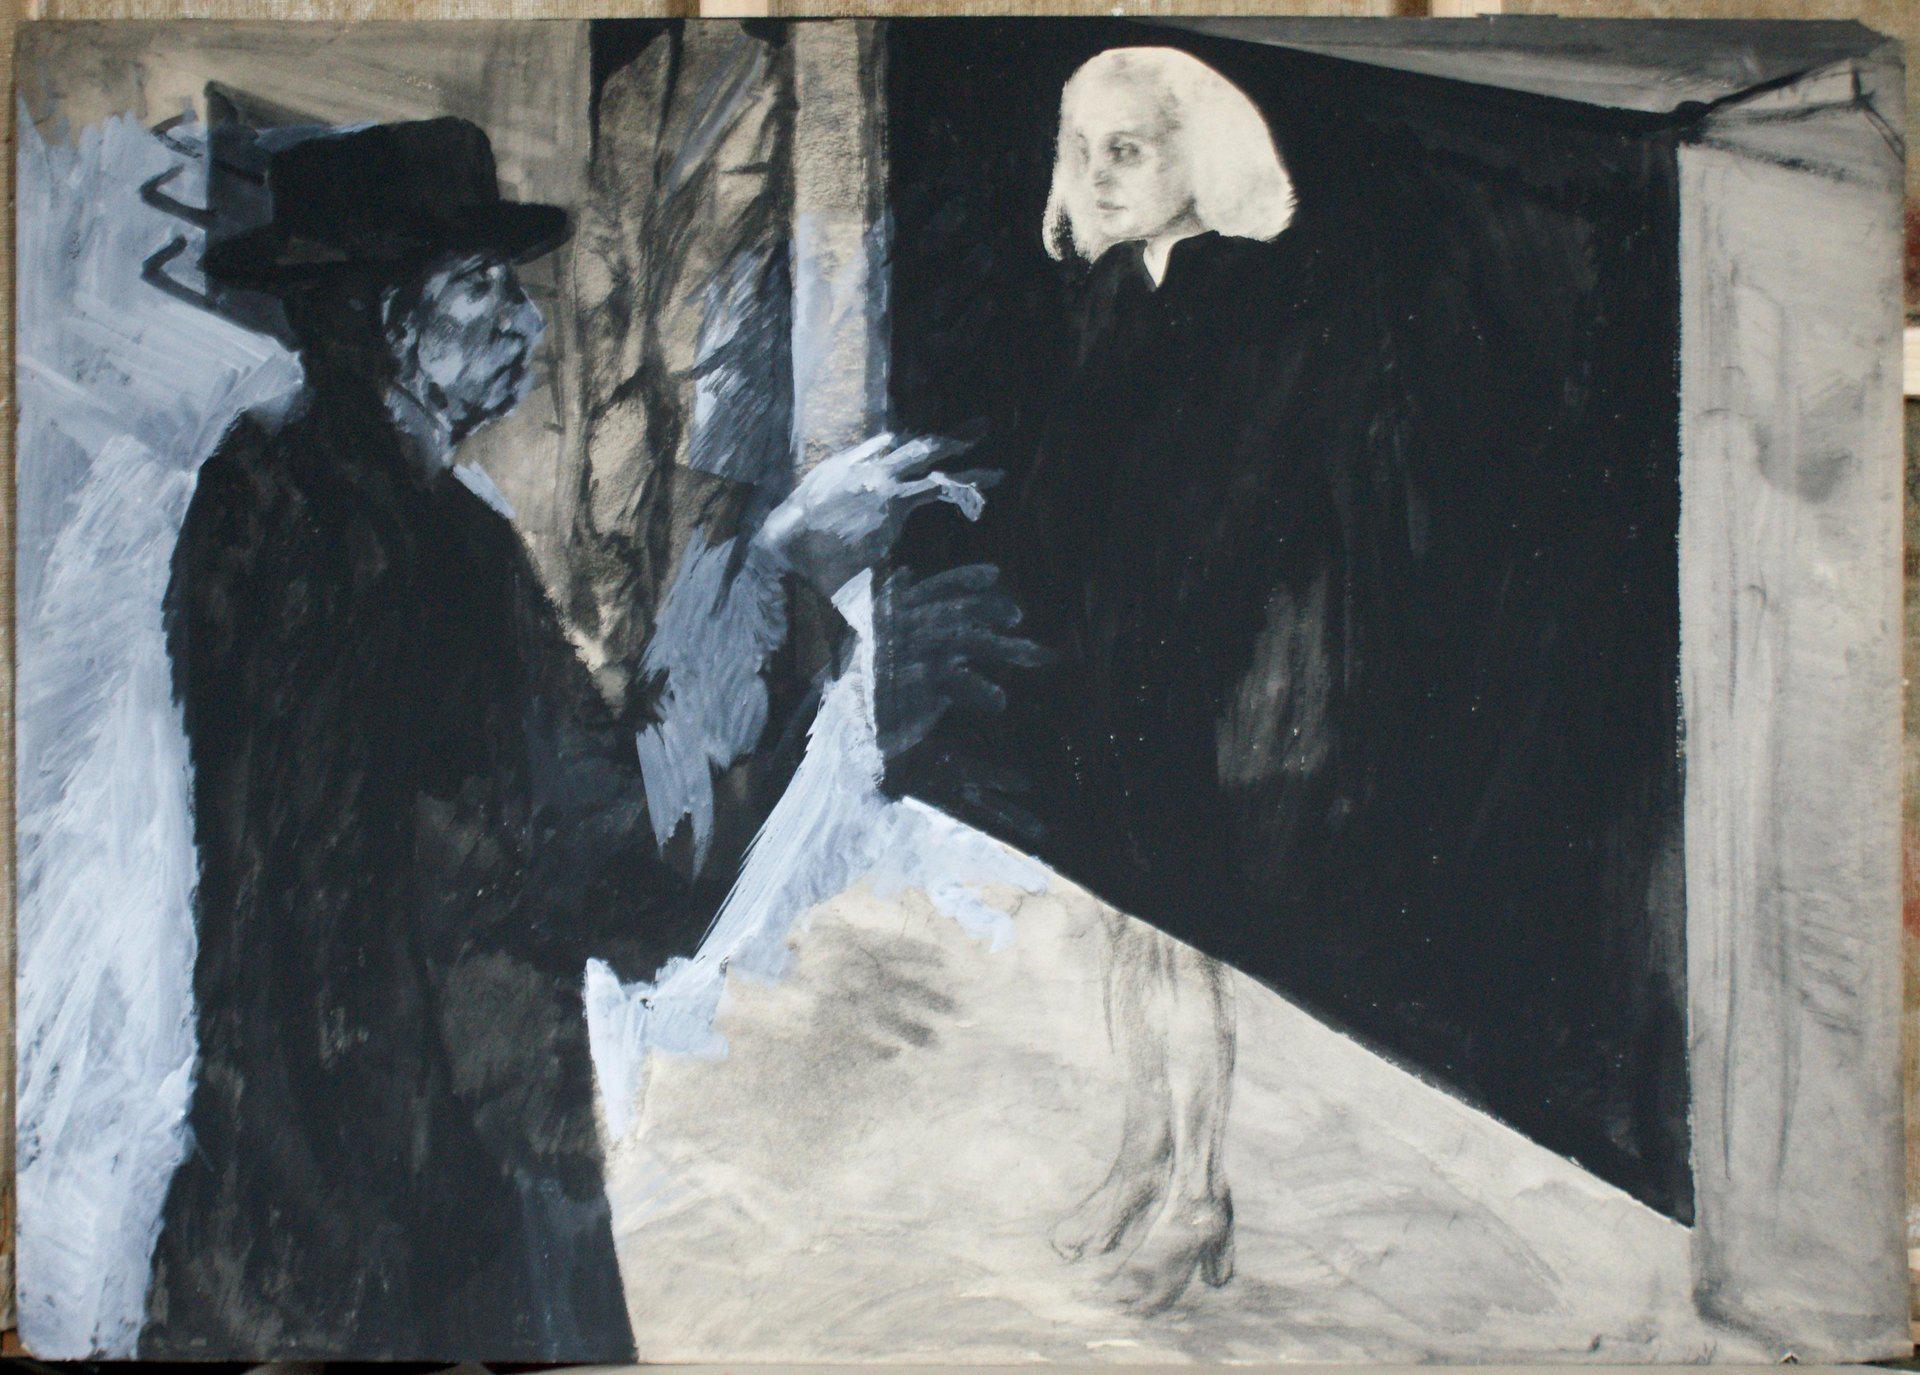 Ion Grigorescu, Black and White, 1971–1974, (8/11)